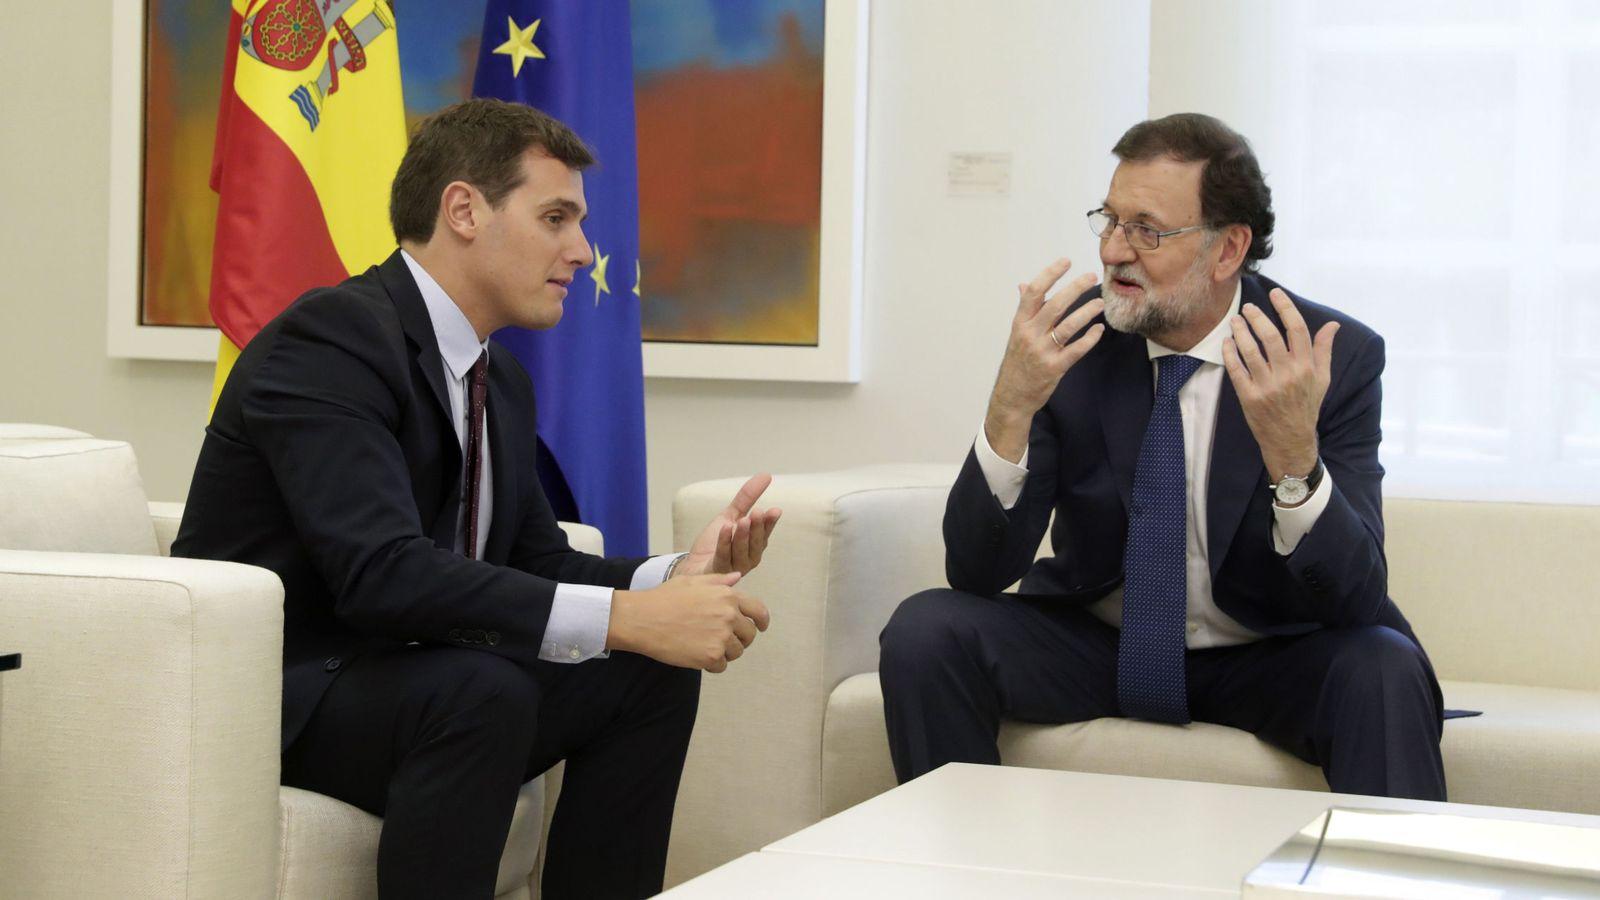 Foto: Mariano Rajoy y Albert Rivera, durante su reunión en La Moncloa el pasado 7 de septiembre. (EFE)